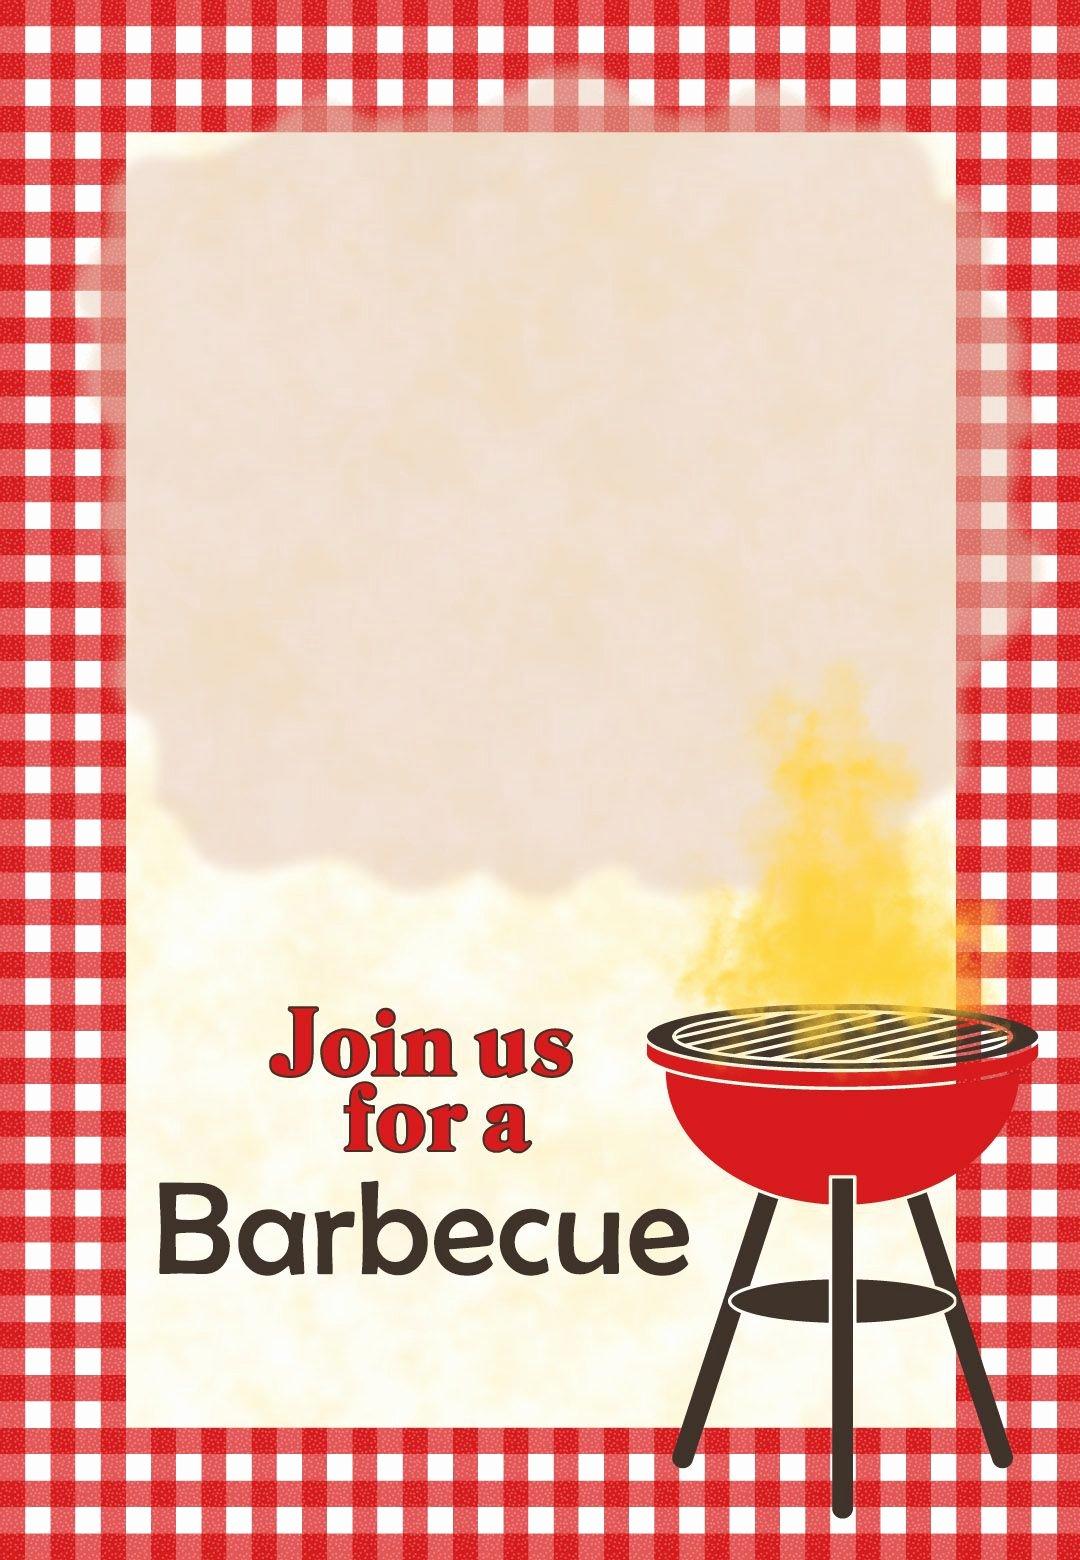 Bbq Invitation Template Word Beautiful A Barbecue Free Printable Party Invitation Template Greetings island